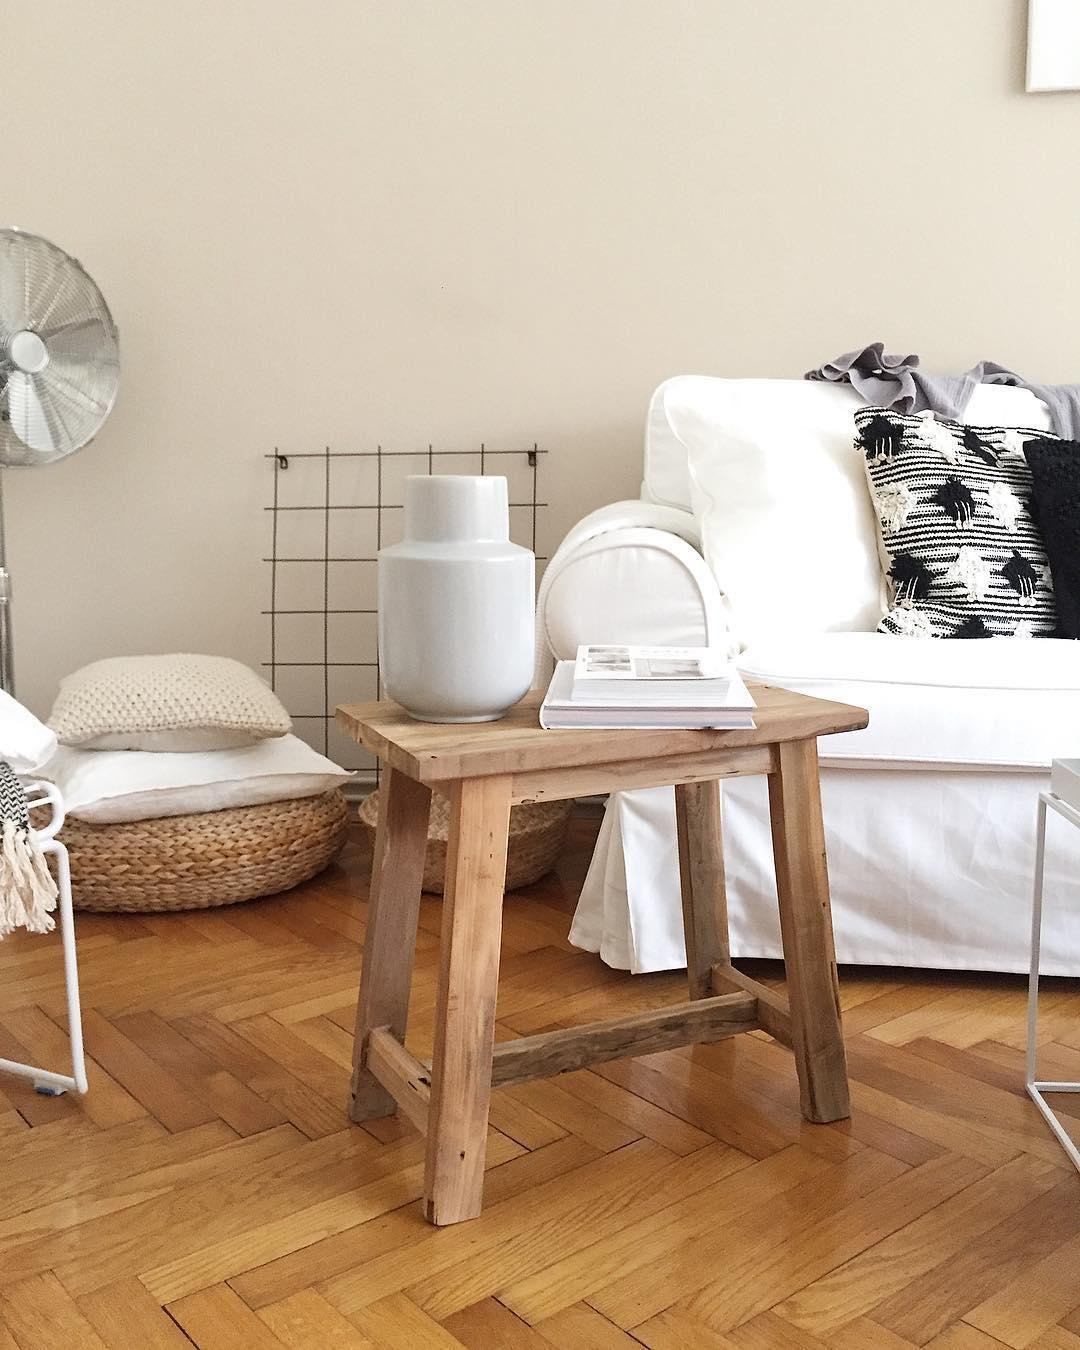 der hocker lawas aus teakholz ist beistelltisch und sitzgelegenheit in einem sein rustikales. Black Bedroom Furniture Sets. Home Design Ideas